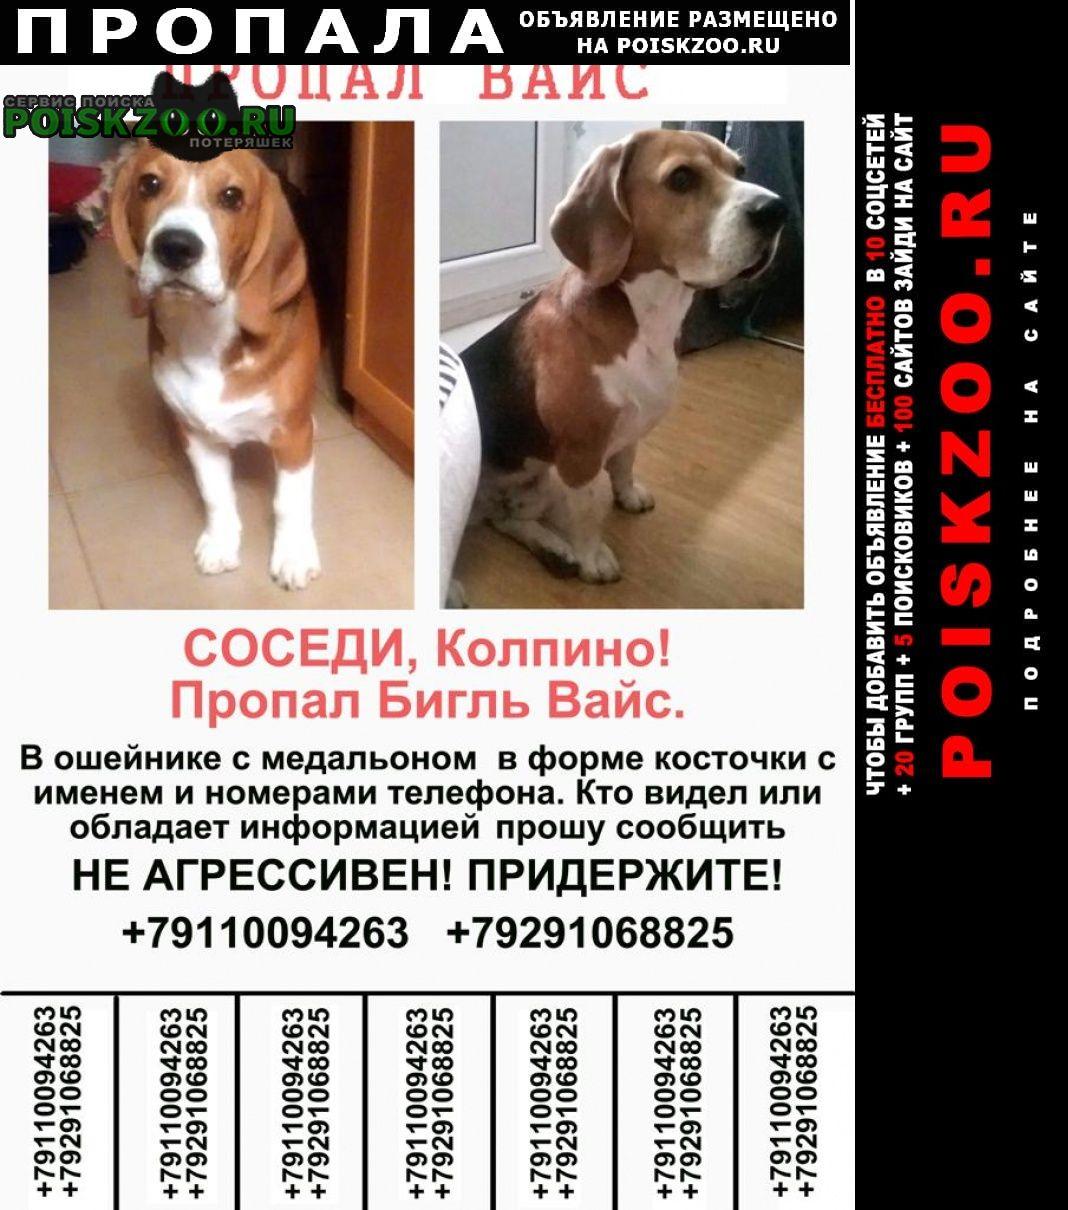 Пропала собака кобель Колпино